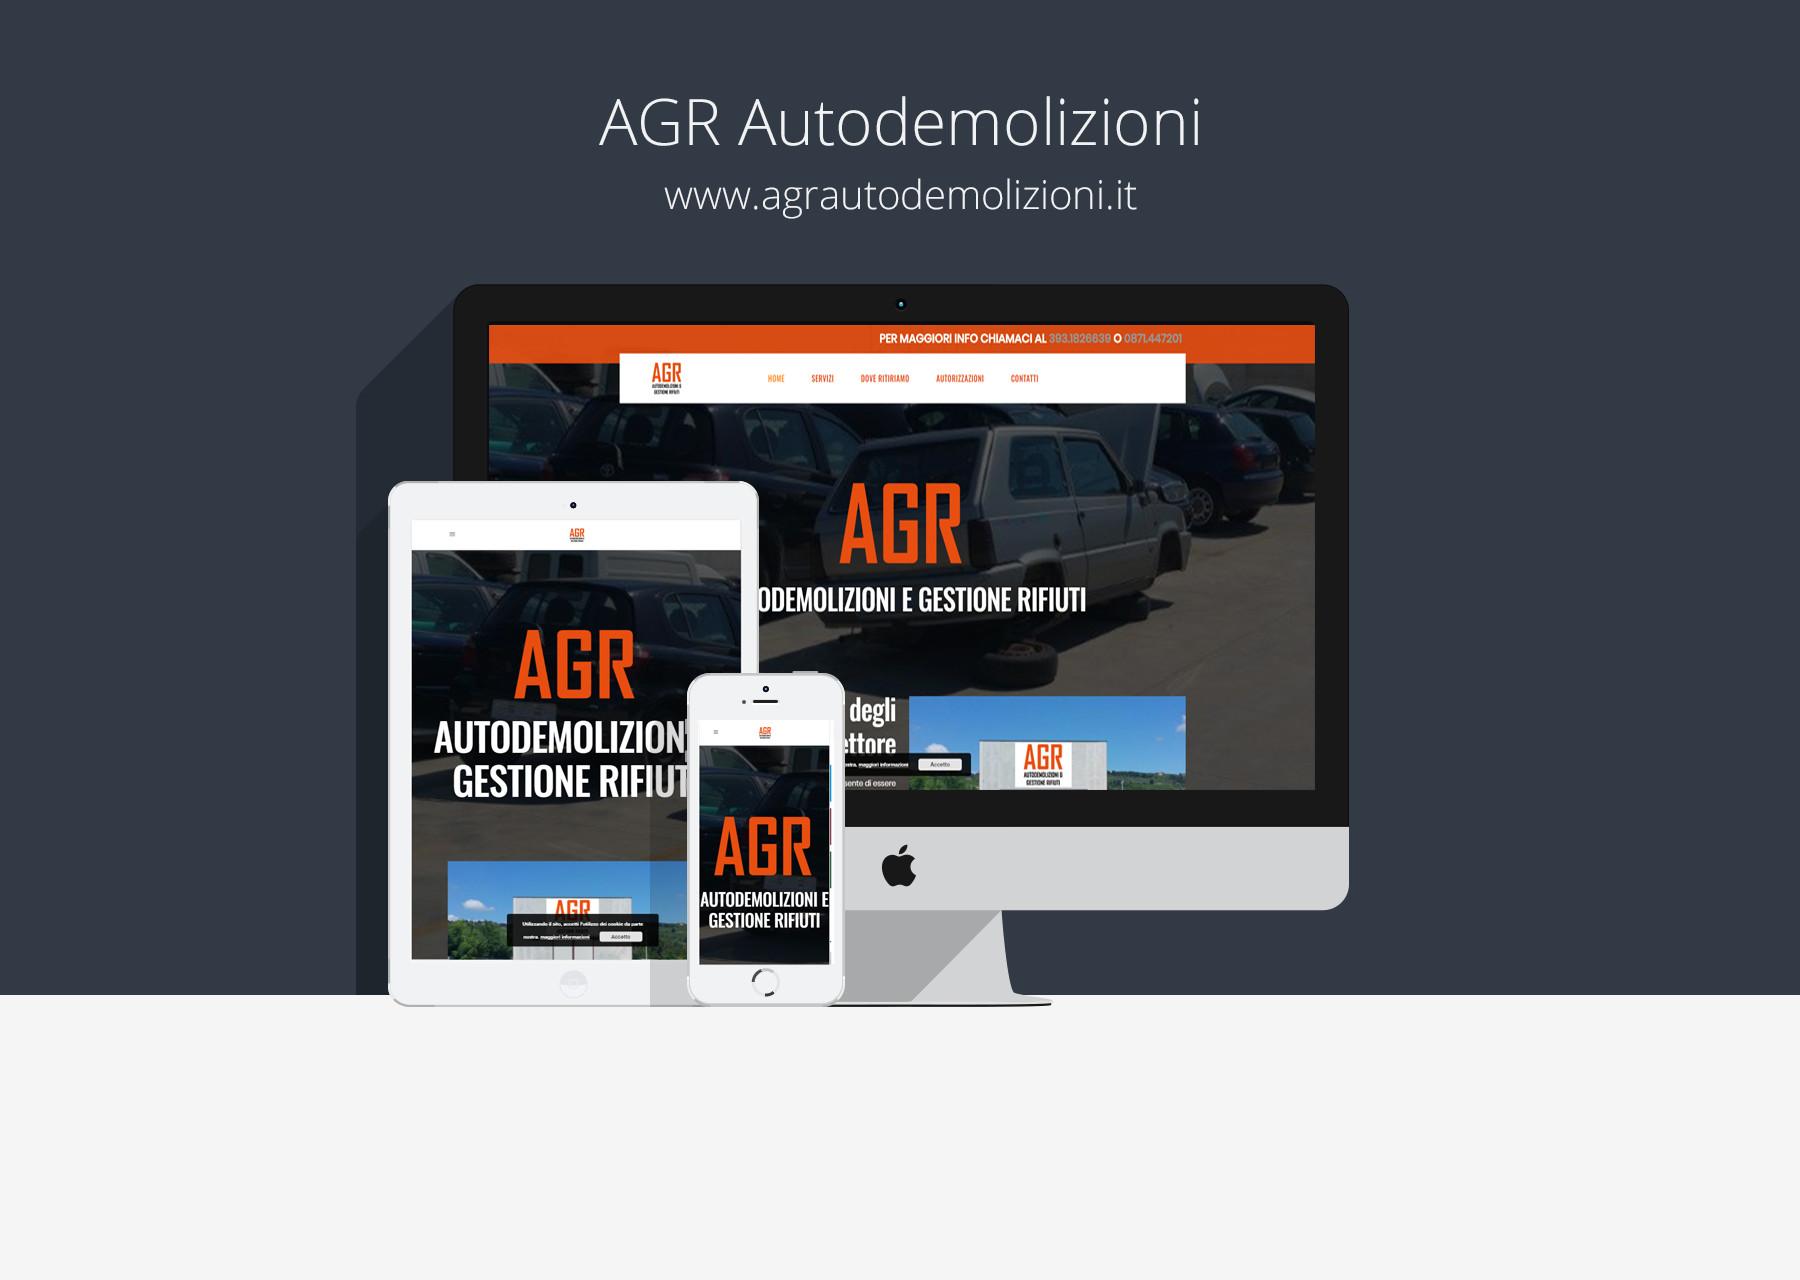 AGR Autodemolizioni